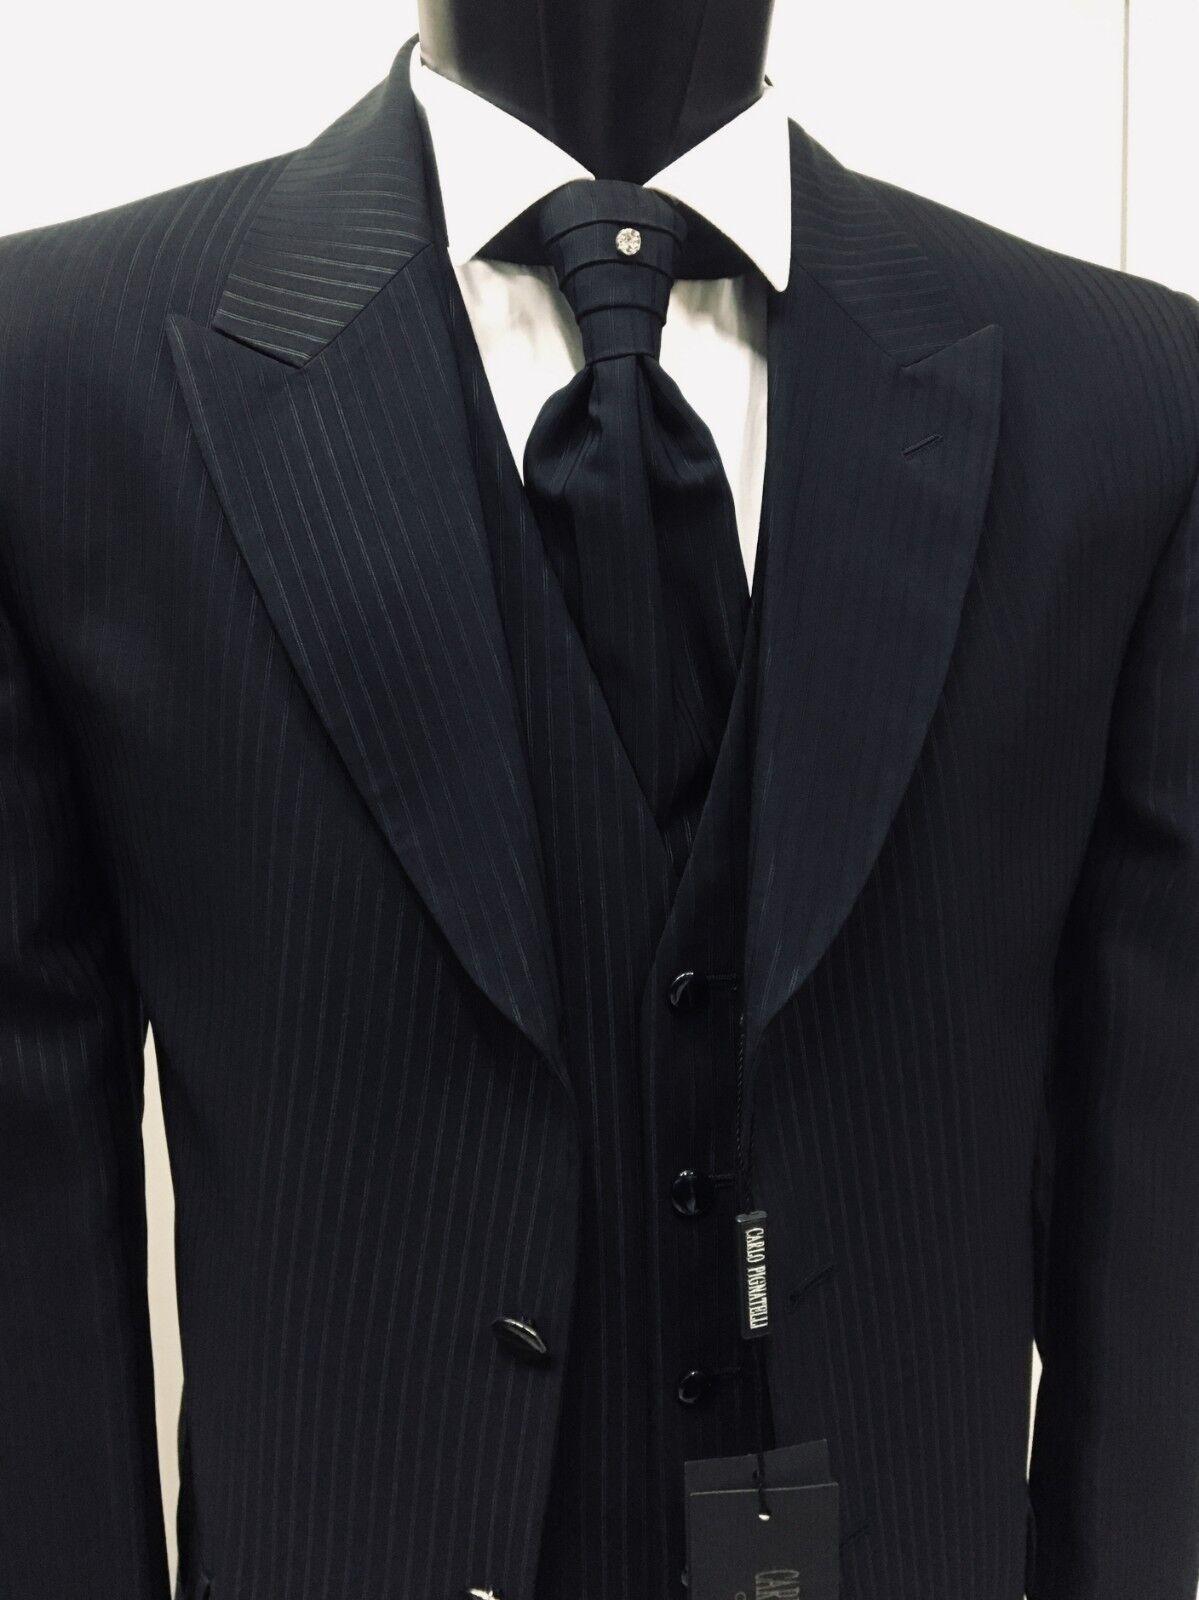 Anzüge Kleidung Mann T.48 Unterzeichnet Carlo Pignatelli Suit Groom Hochzeit